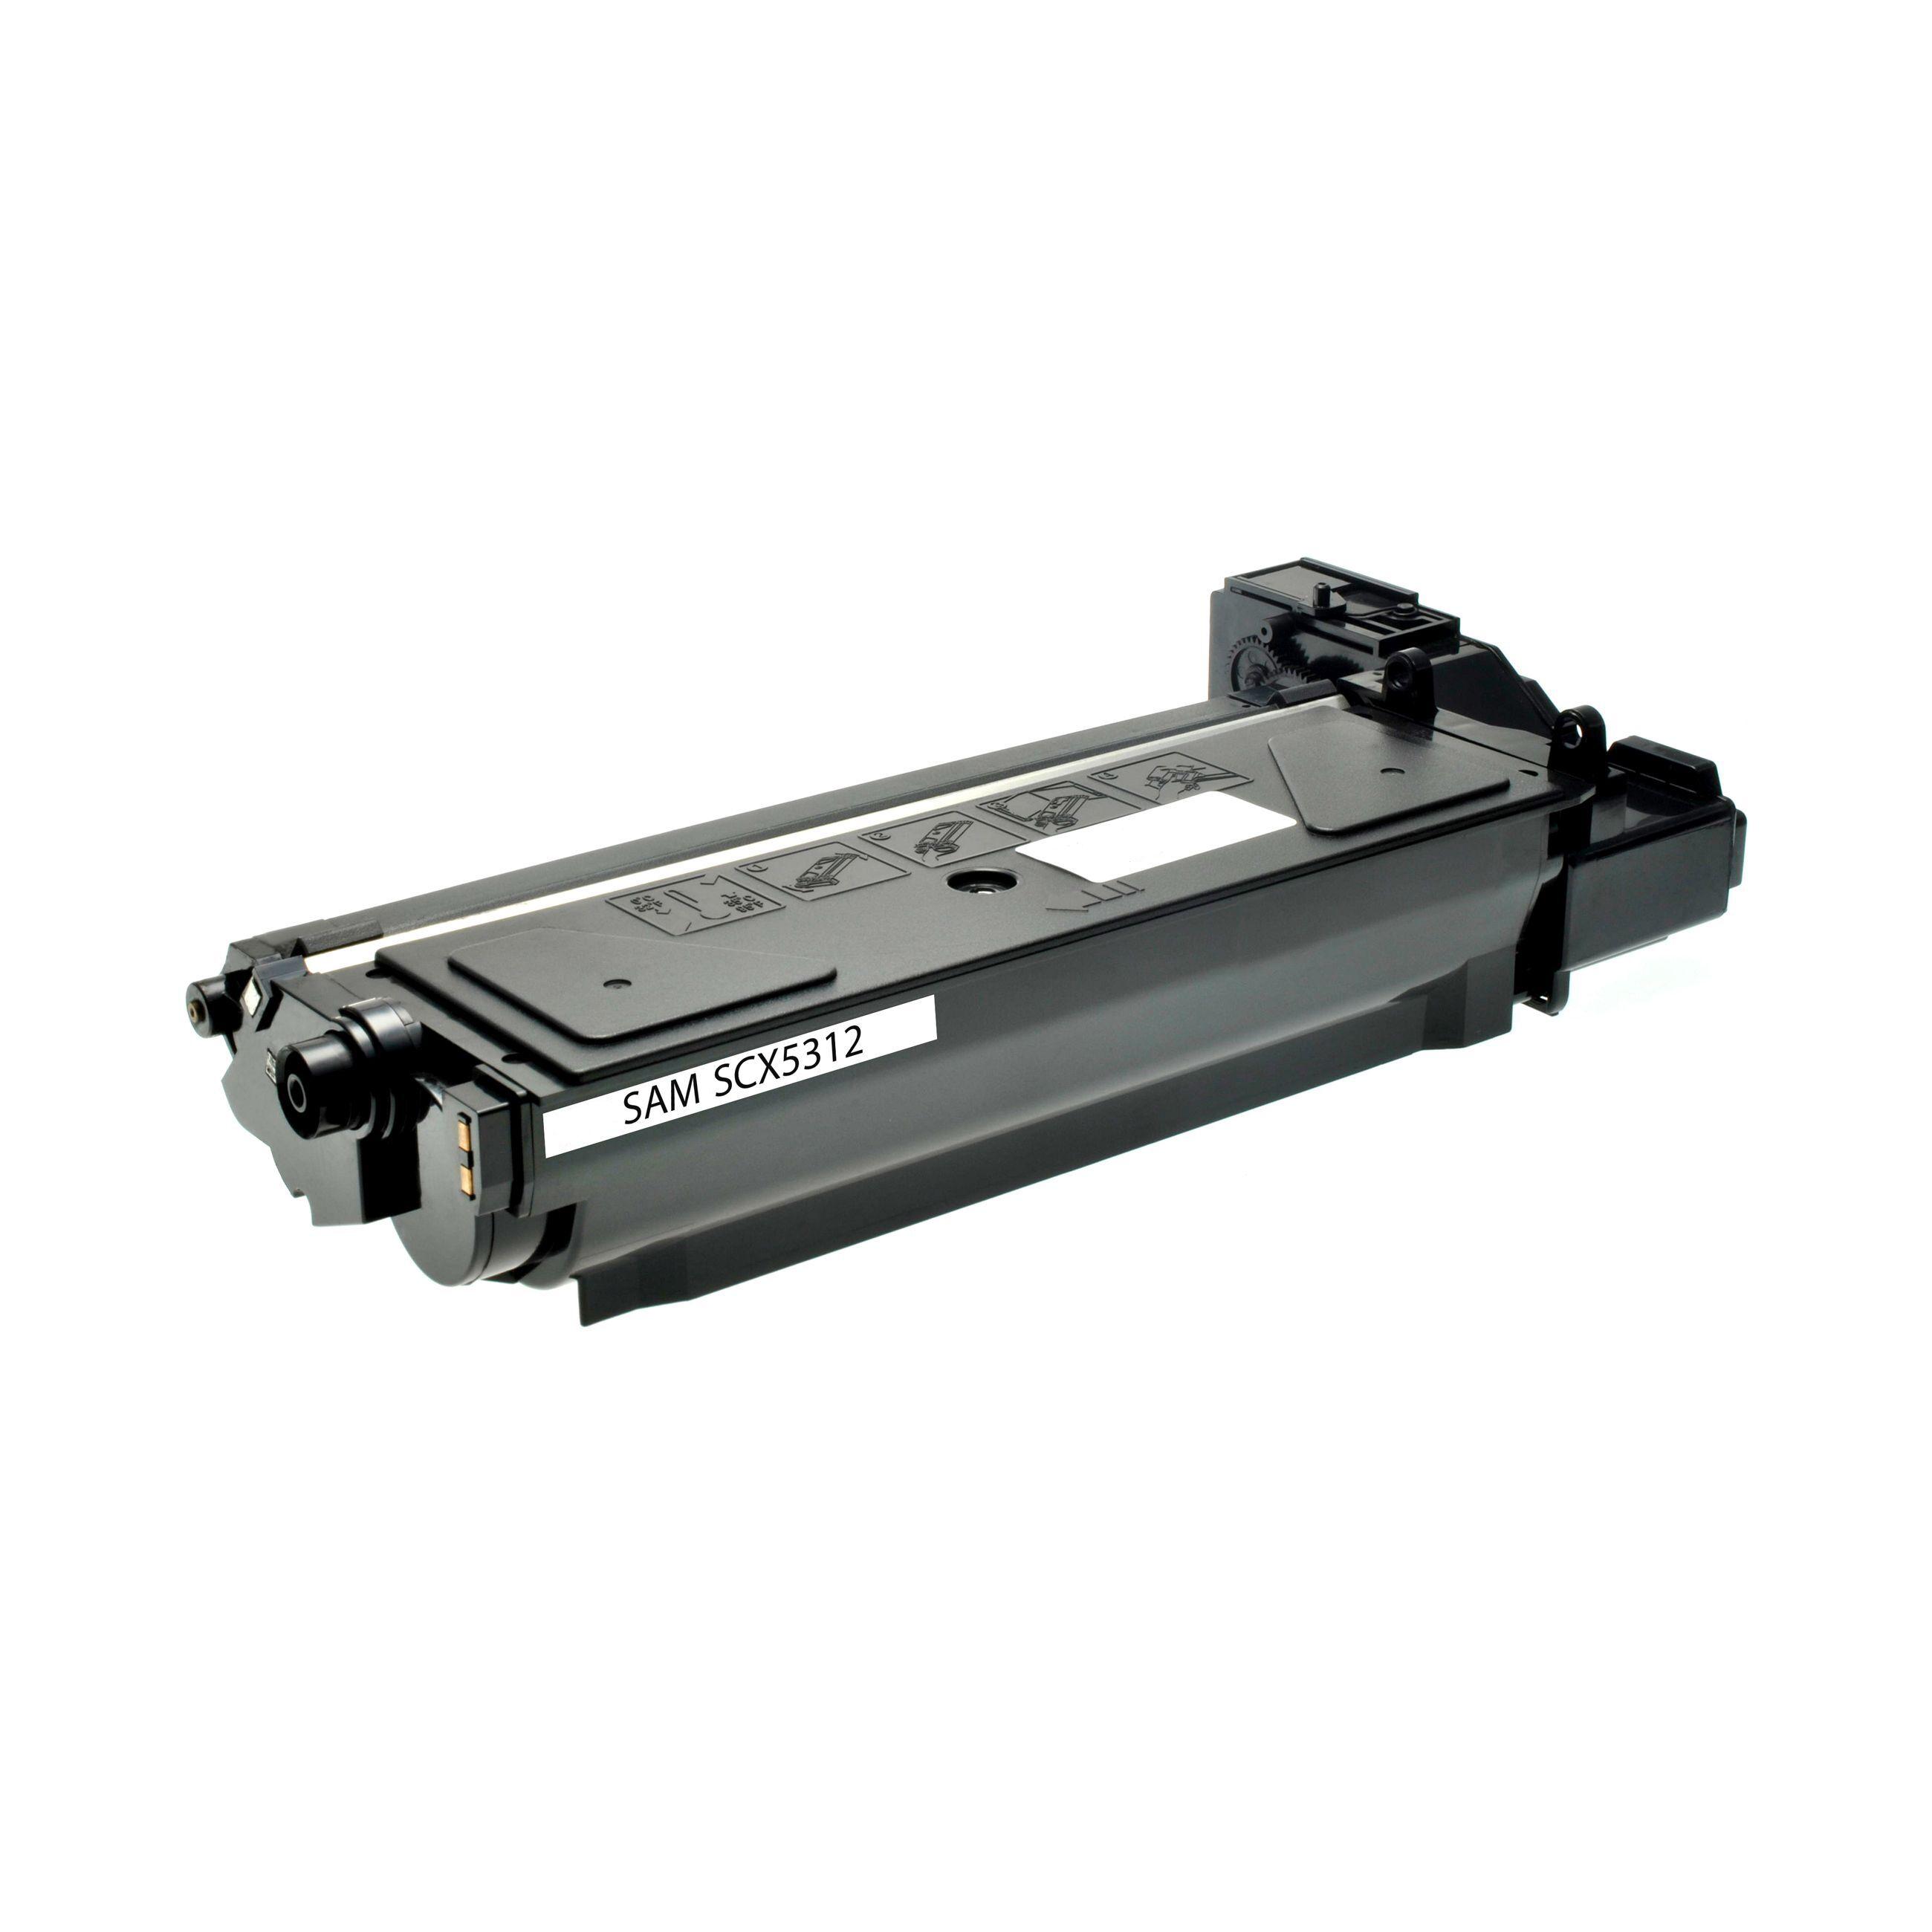 Samsung Cartouche de Toner pour Samsung SCX5312D6ELS noir compatible (de marque ASC)